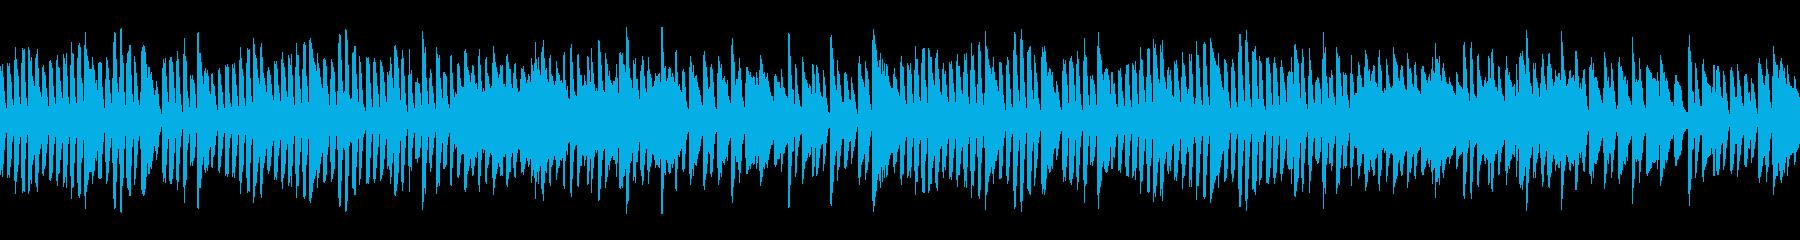 シンプルなピアノ曲【ジングルベル】の再生済みの波形